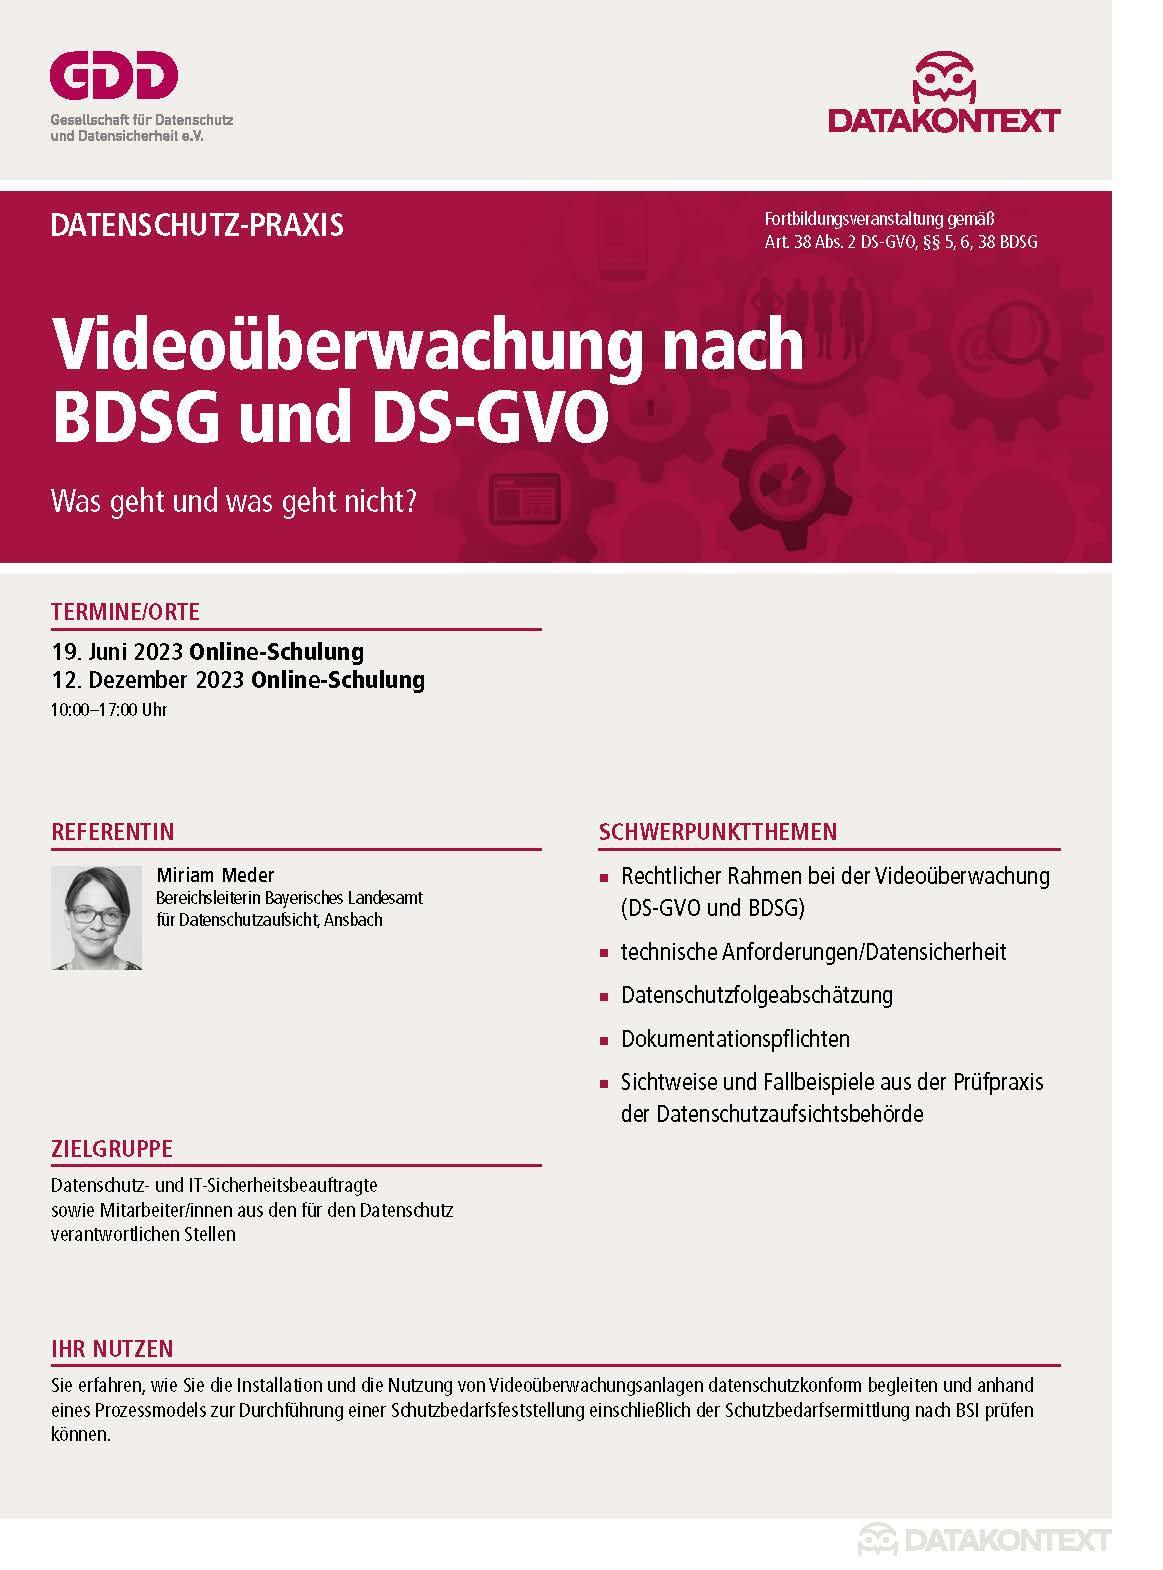 Videoüberwachung nach neuem BDSG und DS-GVO